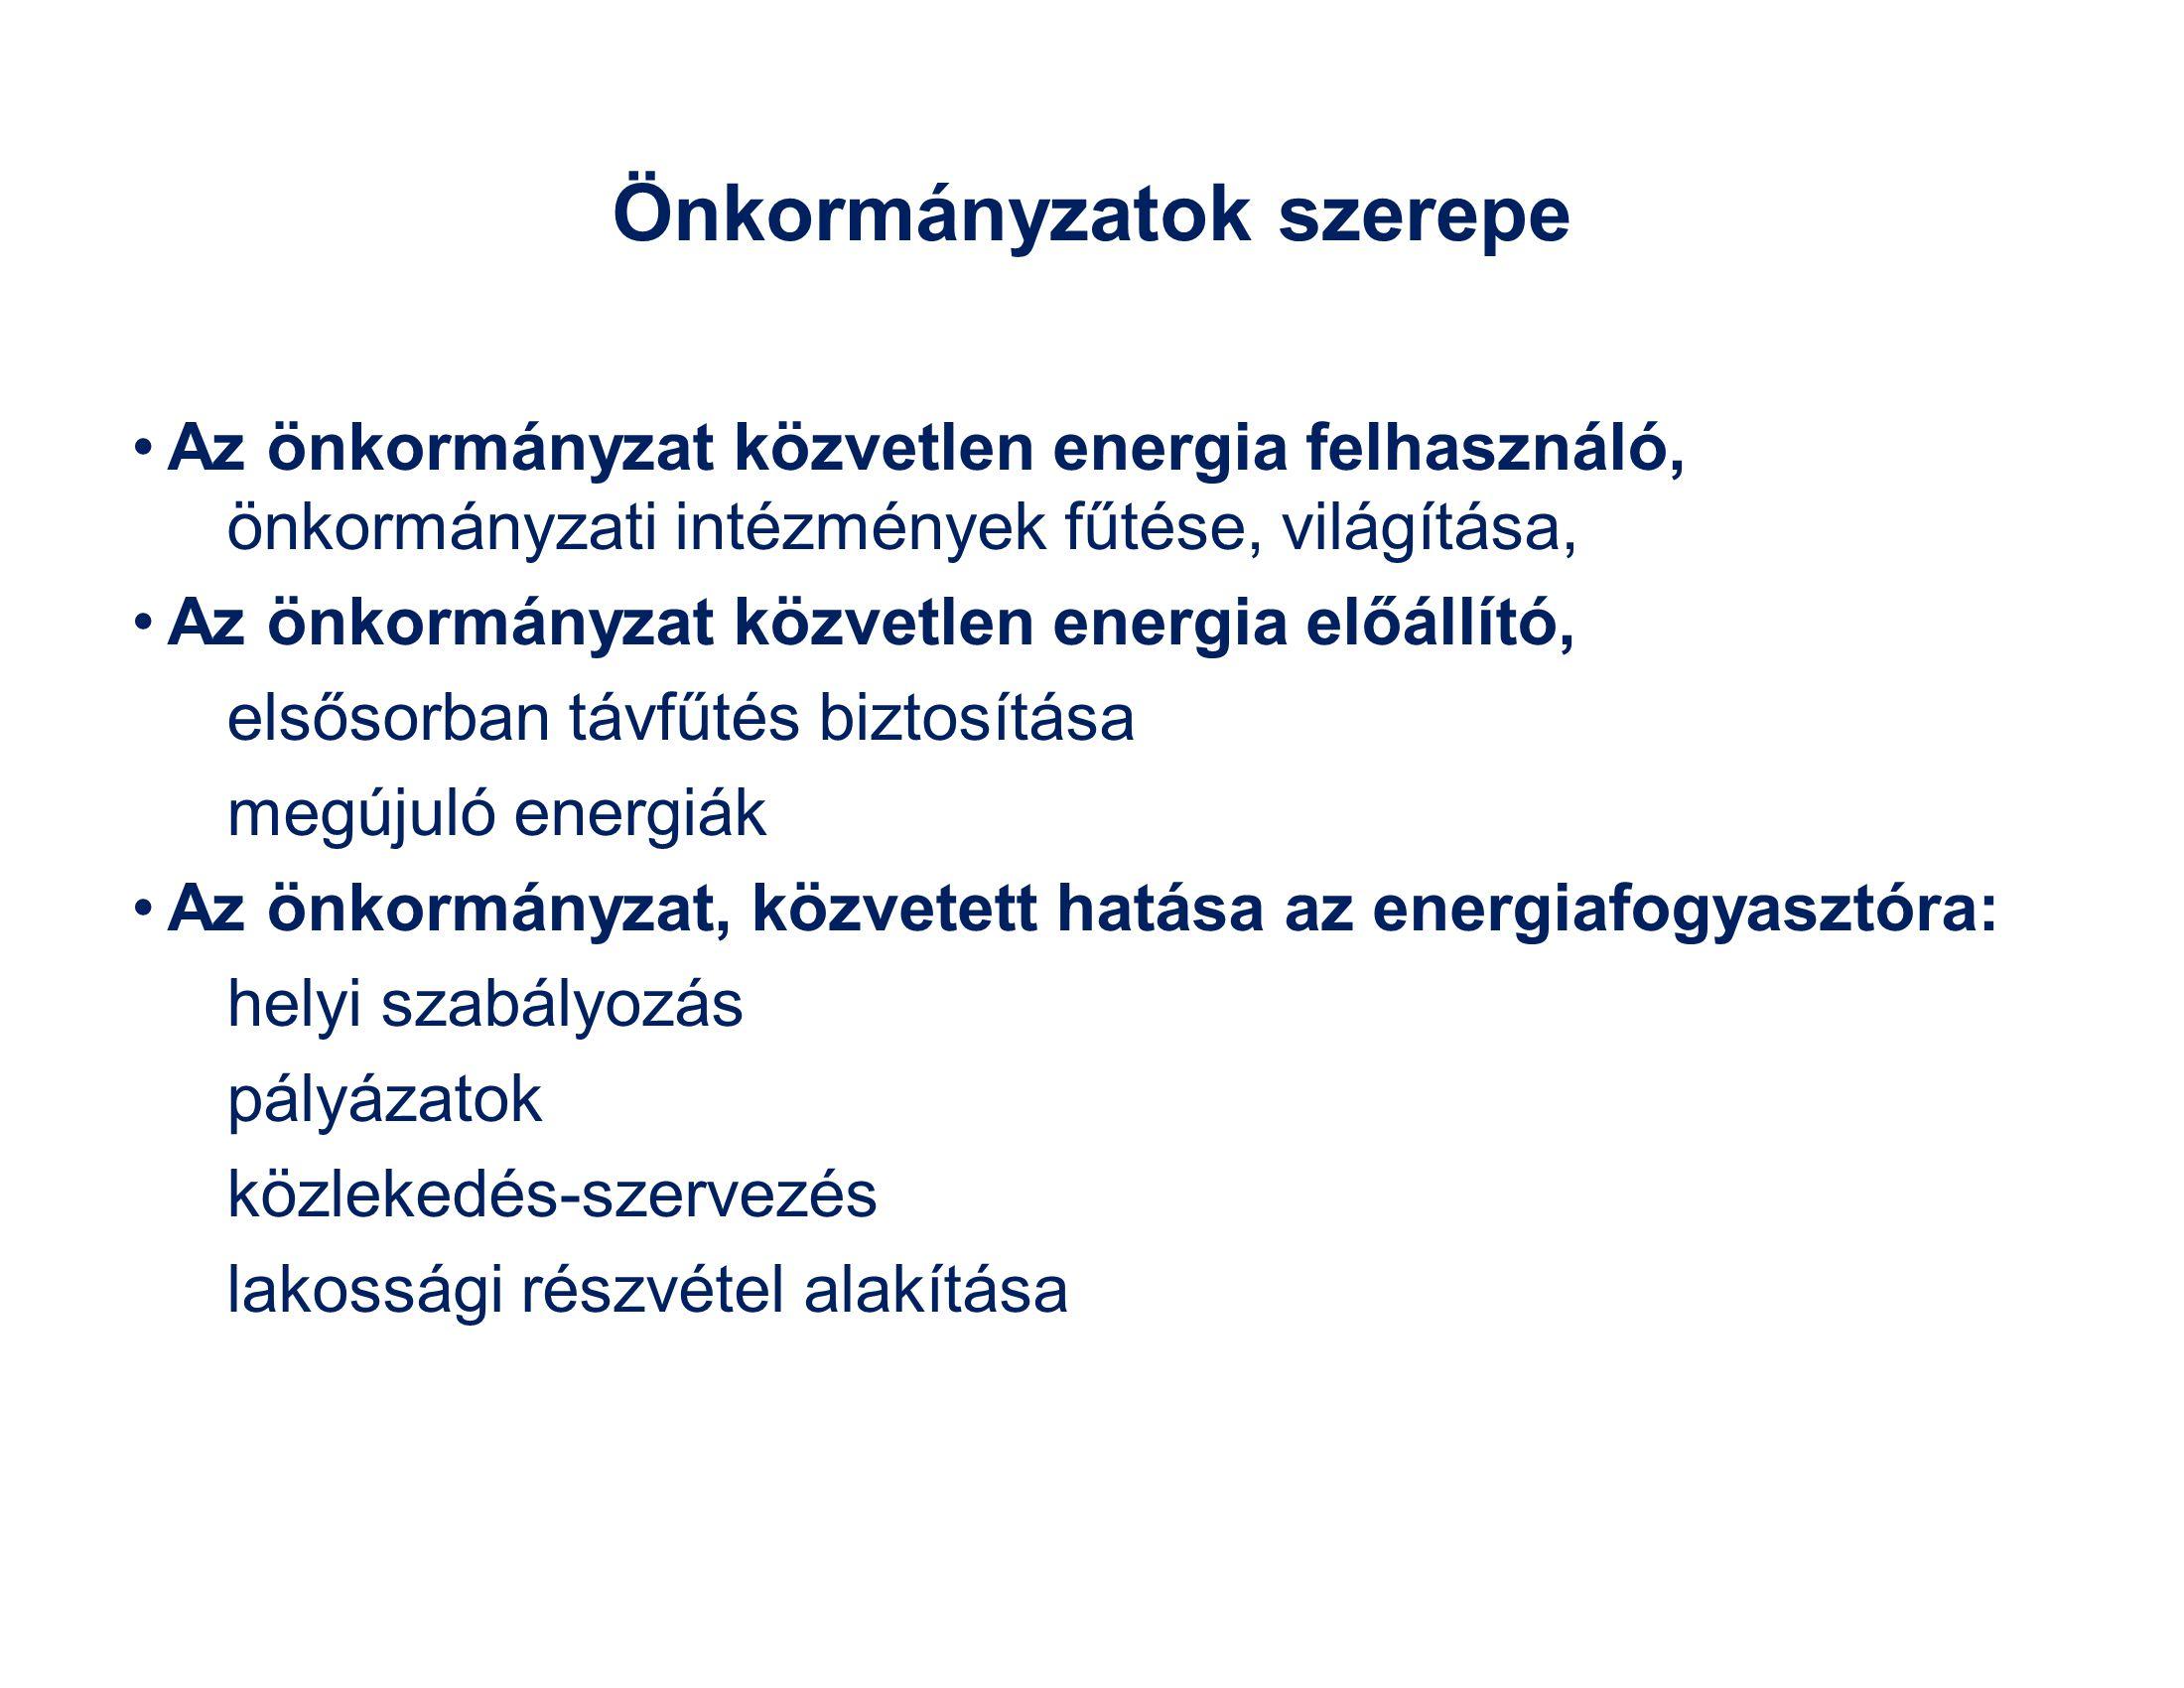 Önkormányzatok szerepe Az önkormányzat közvetlen energia felhasználó, önkormányzati intézmények fűtése, világítása, Az önkormányzat közvetlen energia